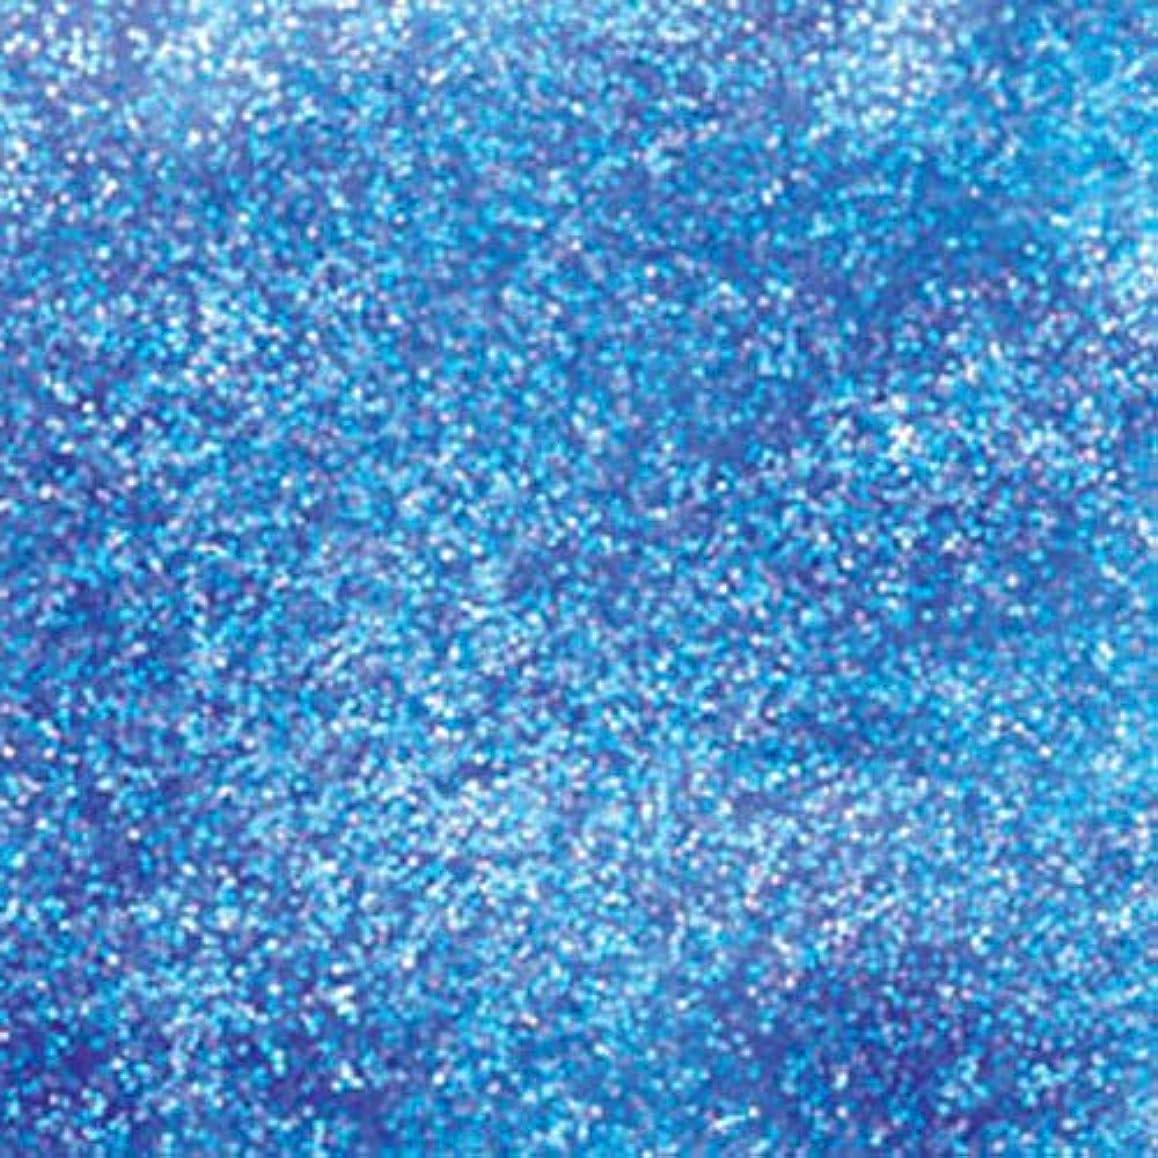 ピカエース ネイル用パウダー ラメカラーレインボー M #428 スカイブルー 0.7g